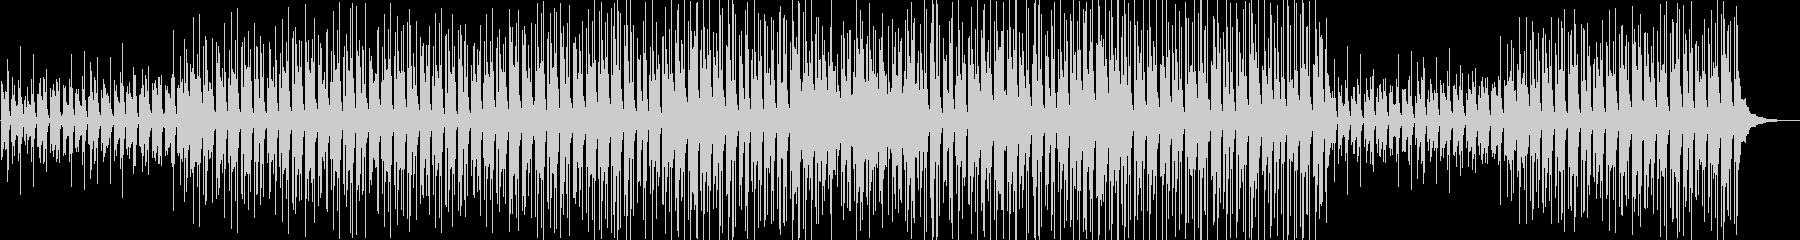 ほのぼの陽気な軽快サウンドの未再生の波形